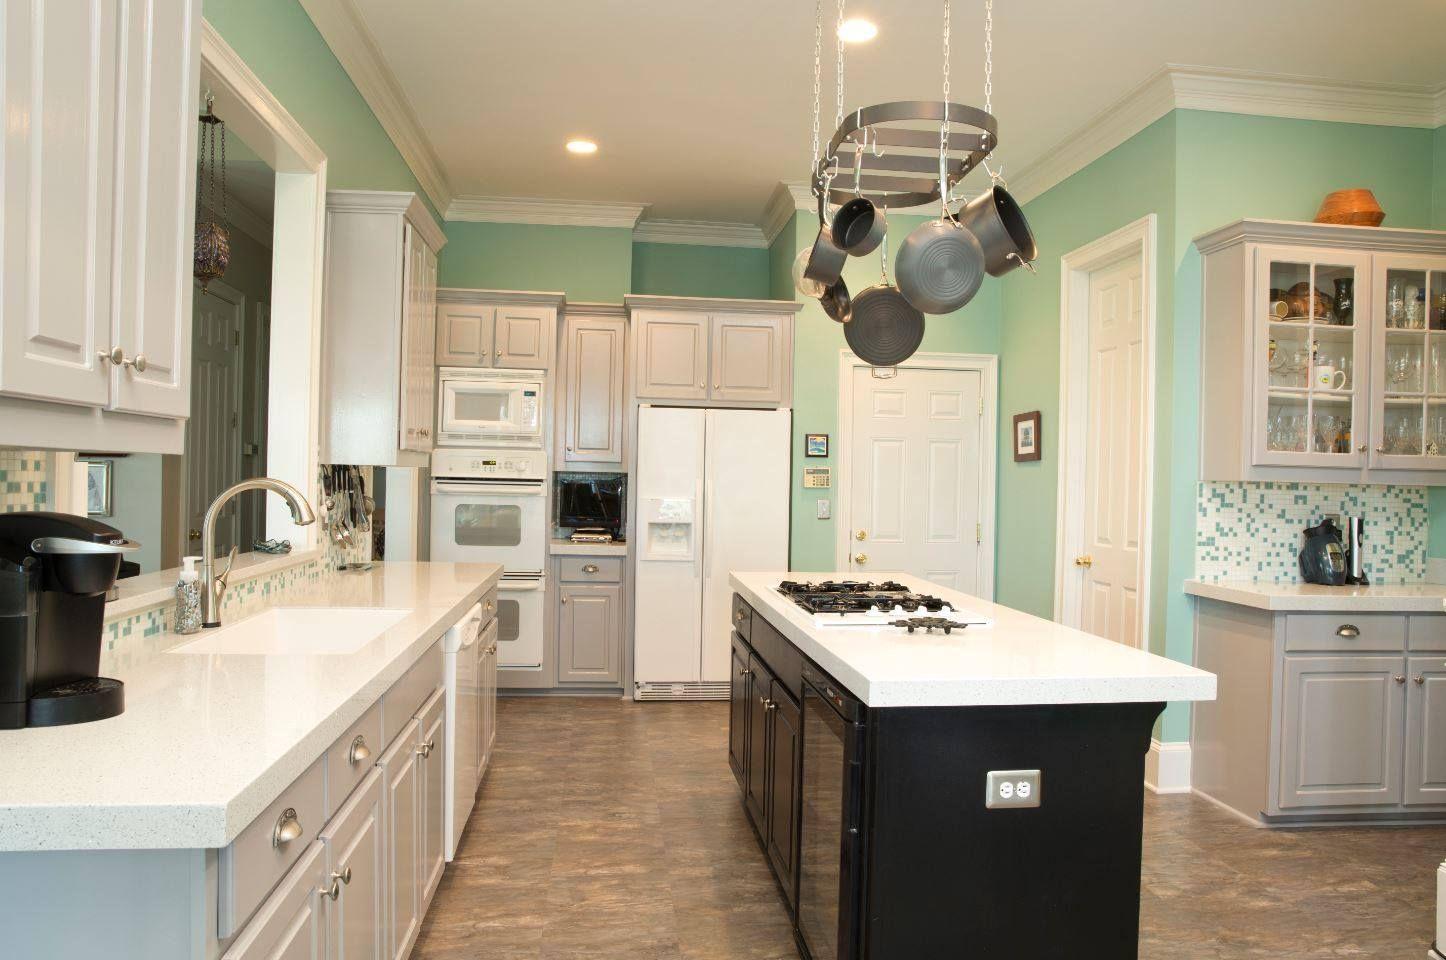 Is this your #DreamKitchen? #GraniteTransformations #Kitchen #KitchenRemodel #KitchenDesign